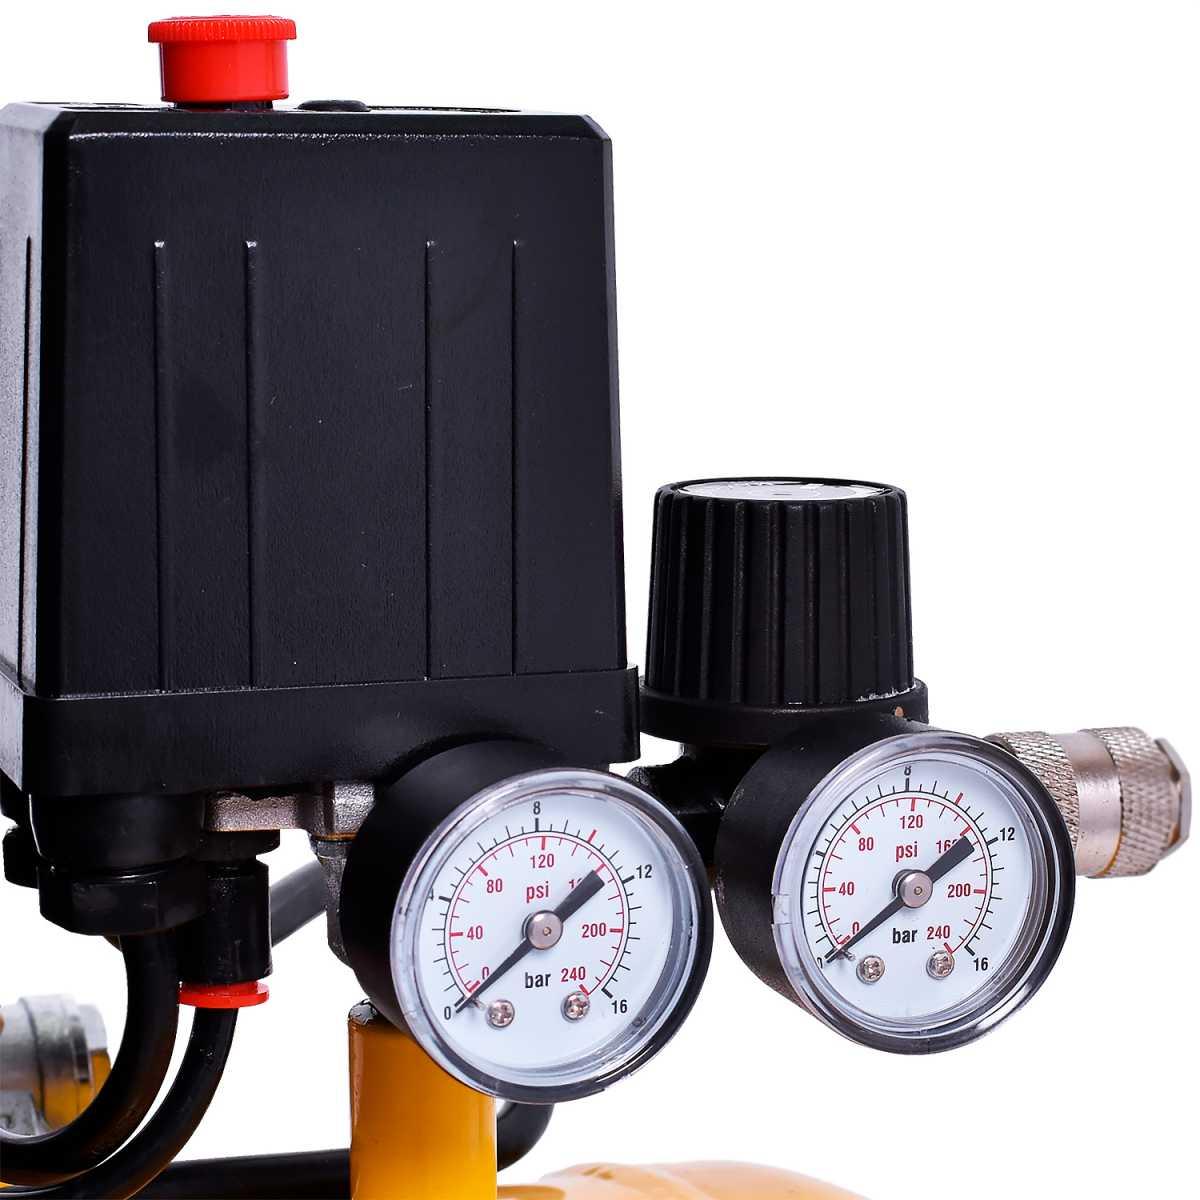 Moto Compressor de Ar 8 Pcm 24L Hobby Motopress Pressure 127V